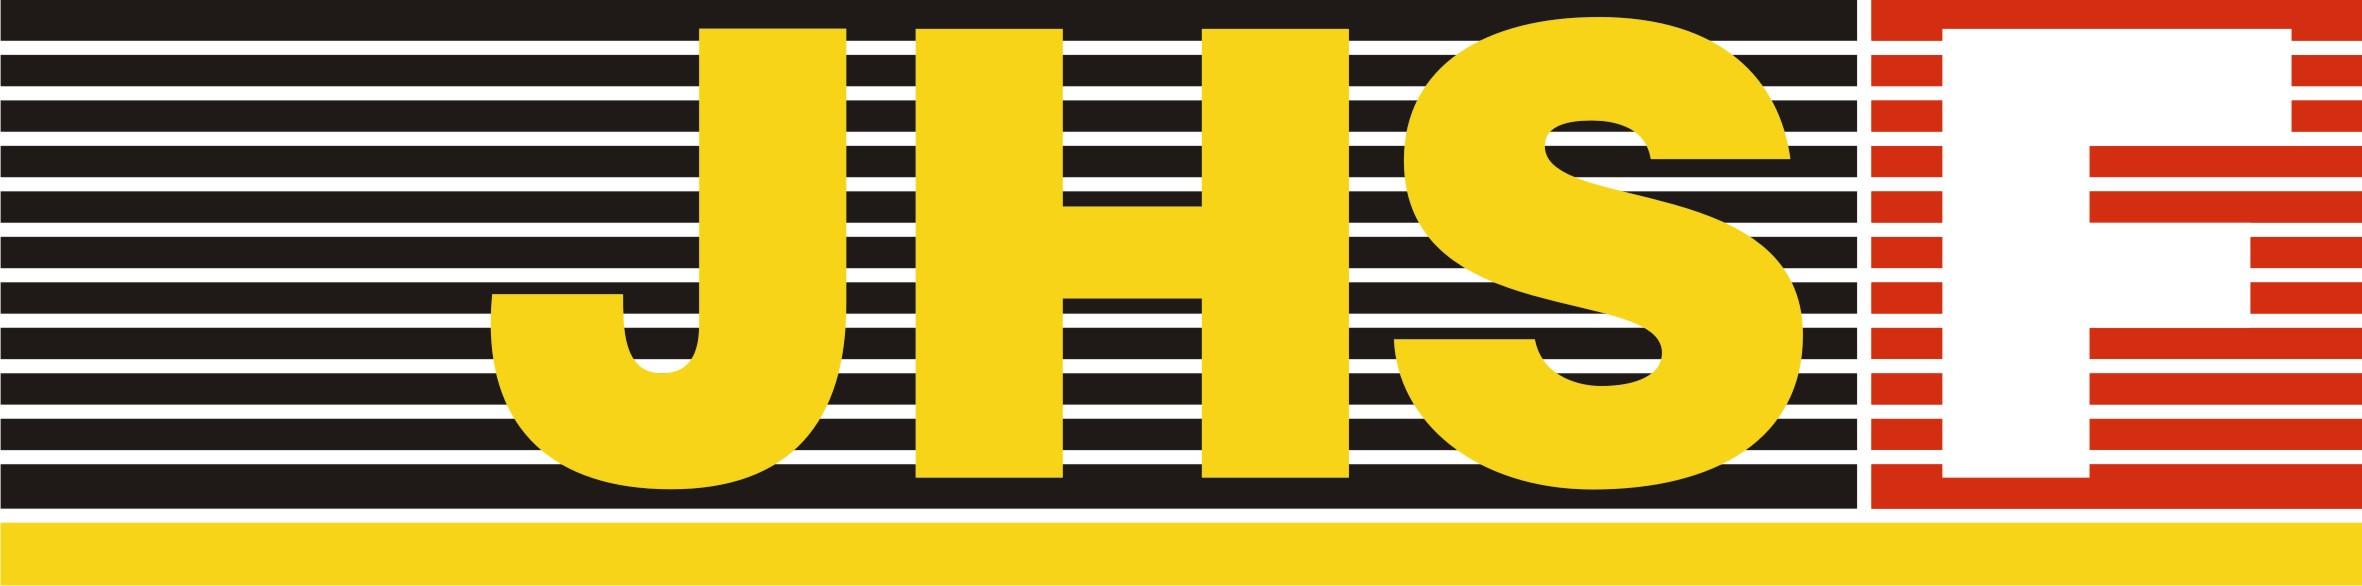 JHSF logo